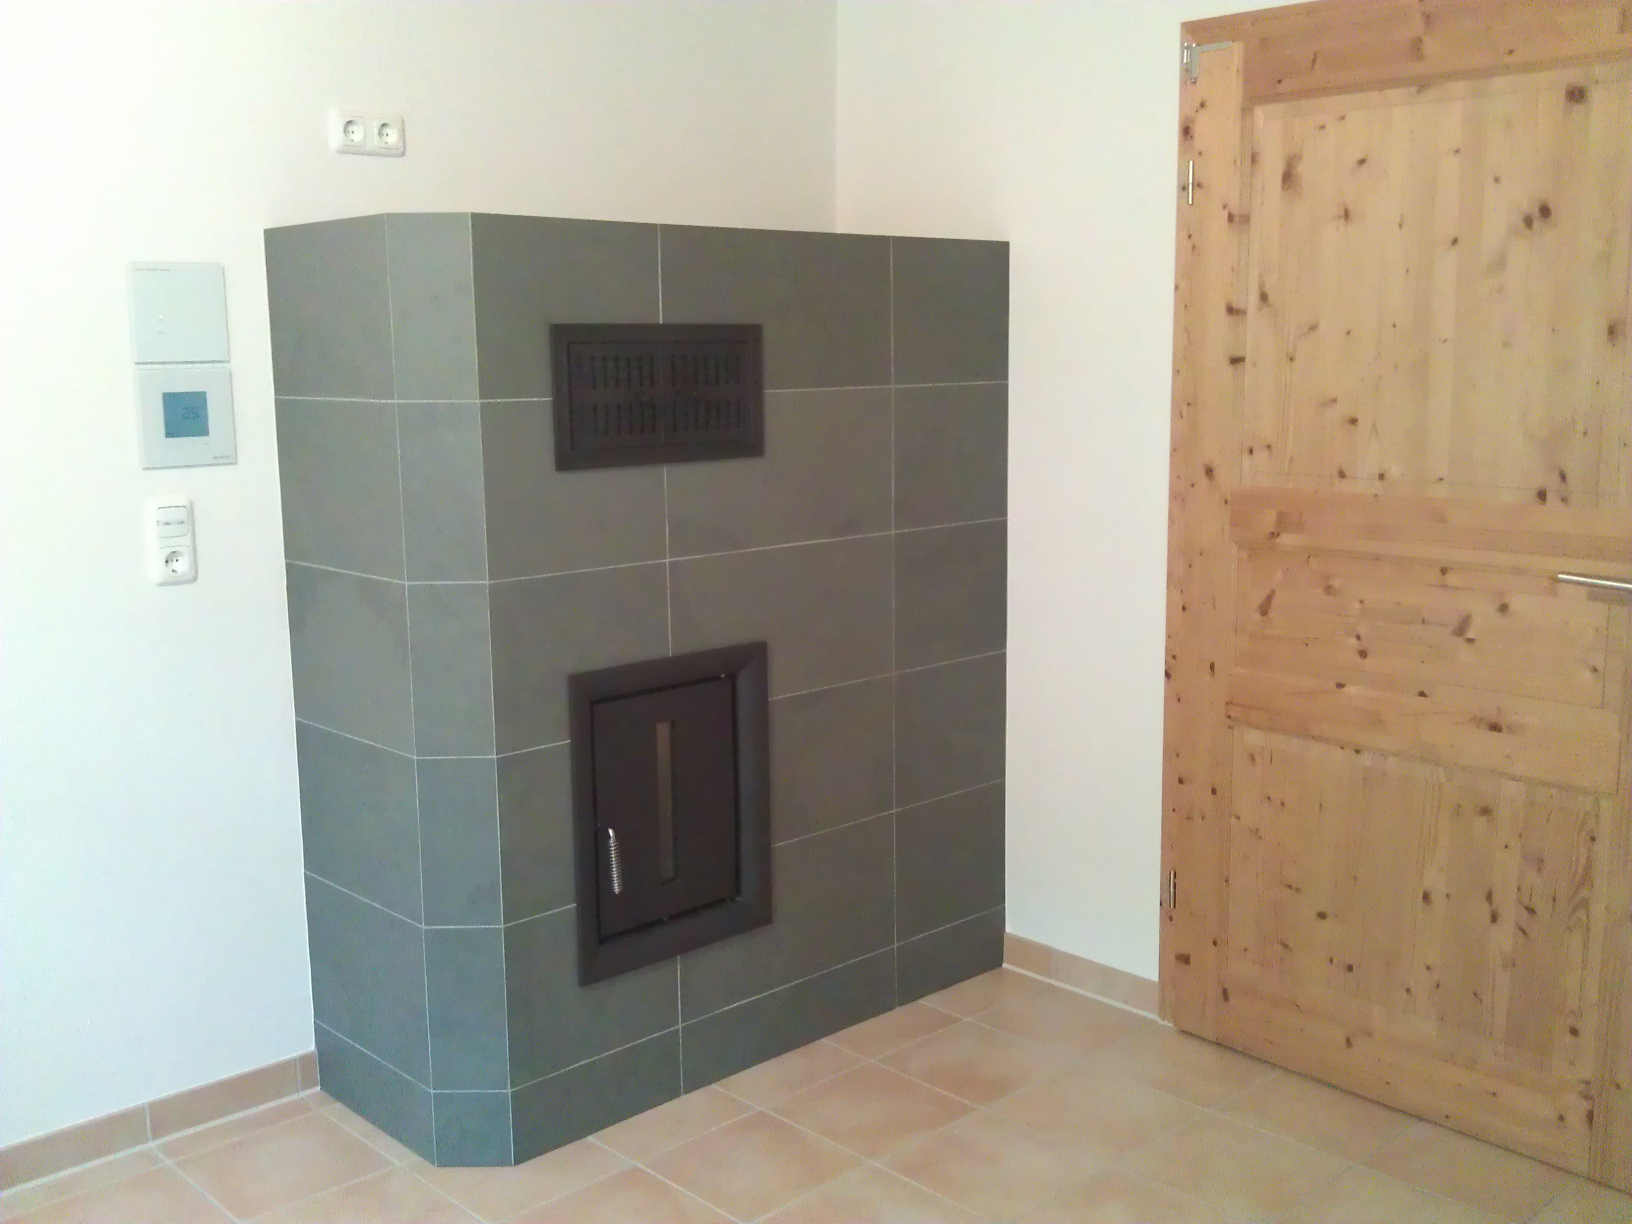 kleiner kachelofen stunning kachelofen kamine ideen. Black Bedroom Furniture Sets. Home Design Ideas